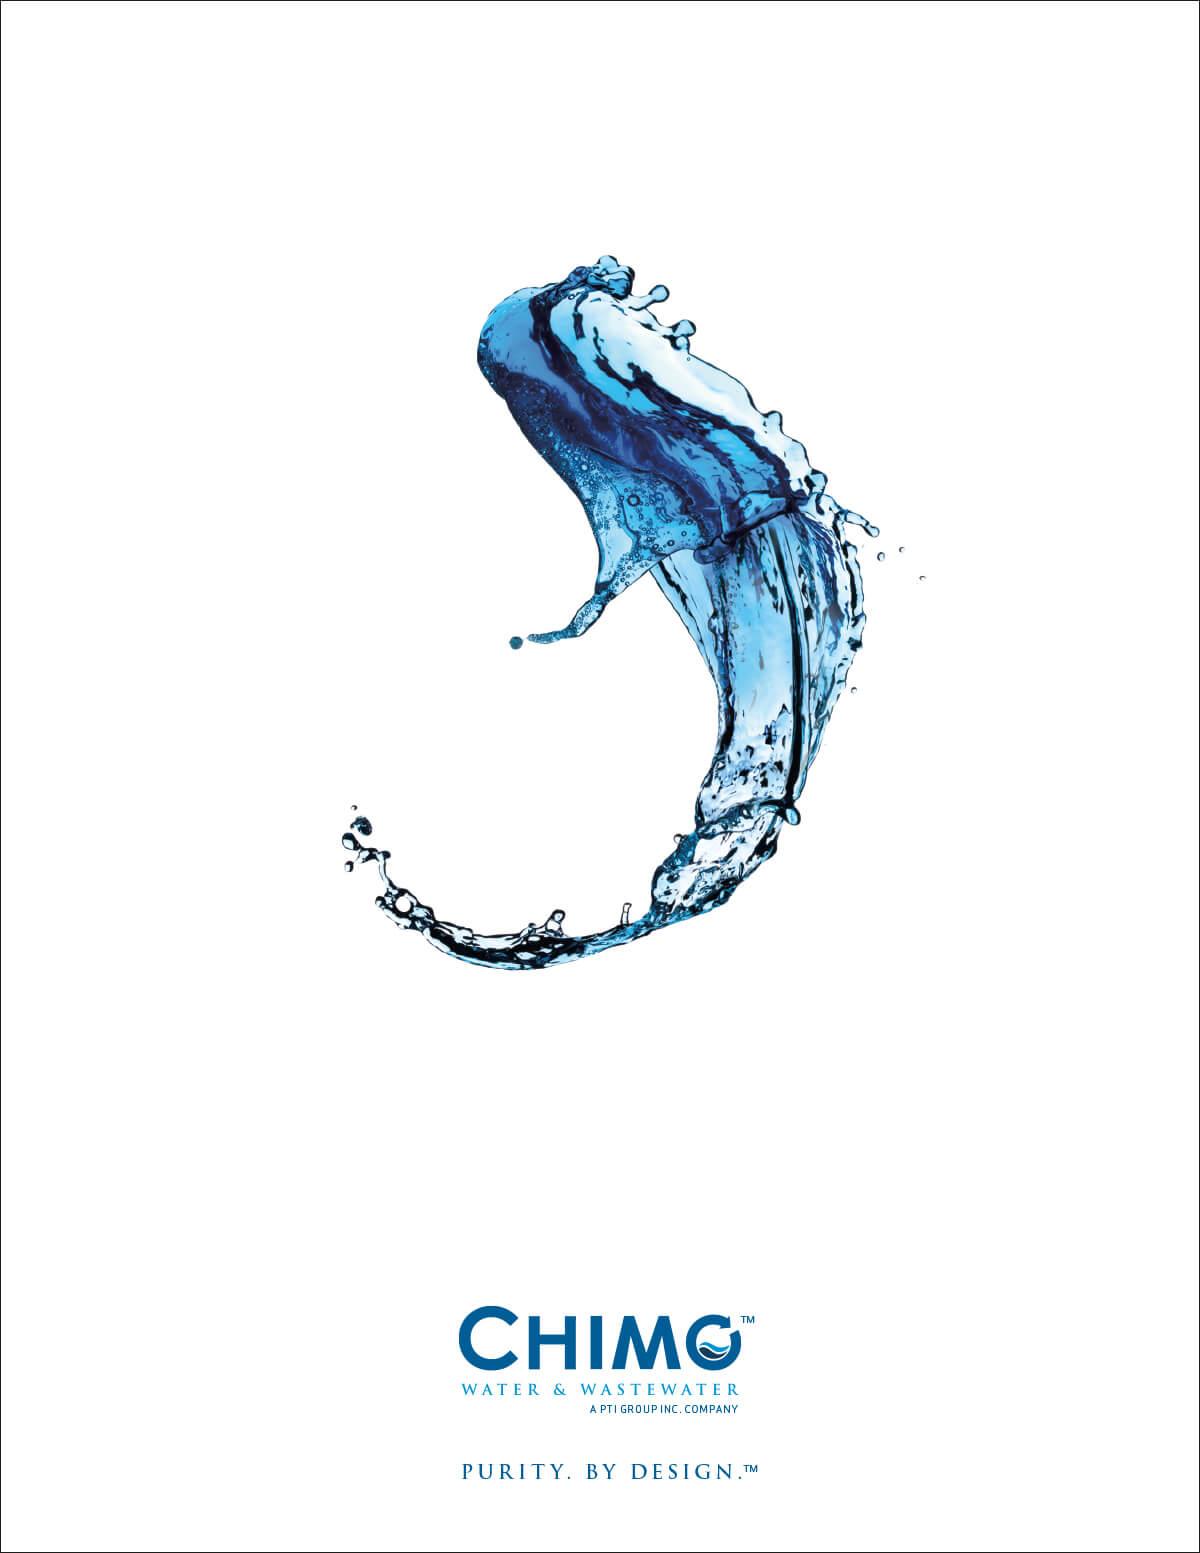 Chimo Brochure 1